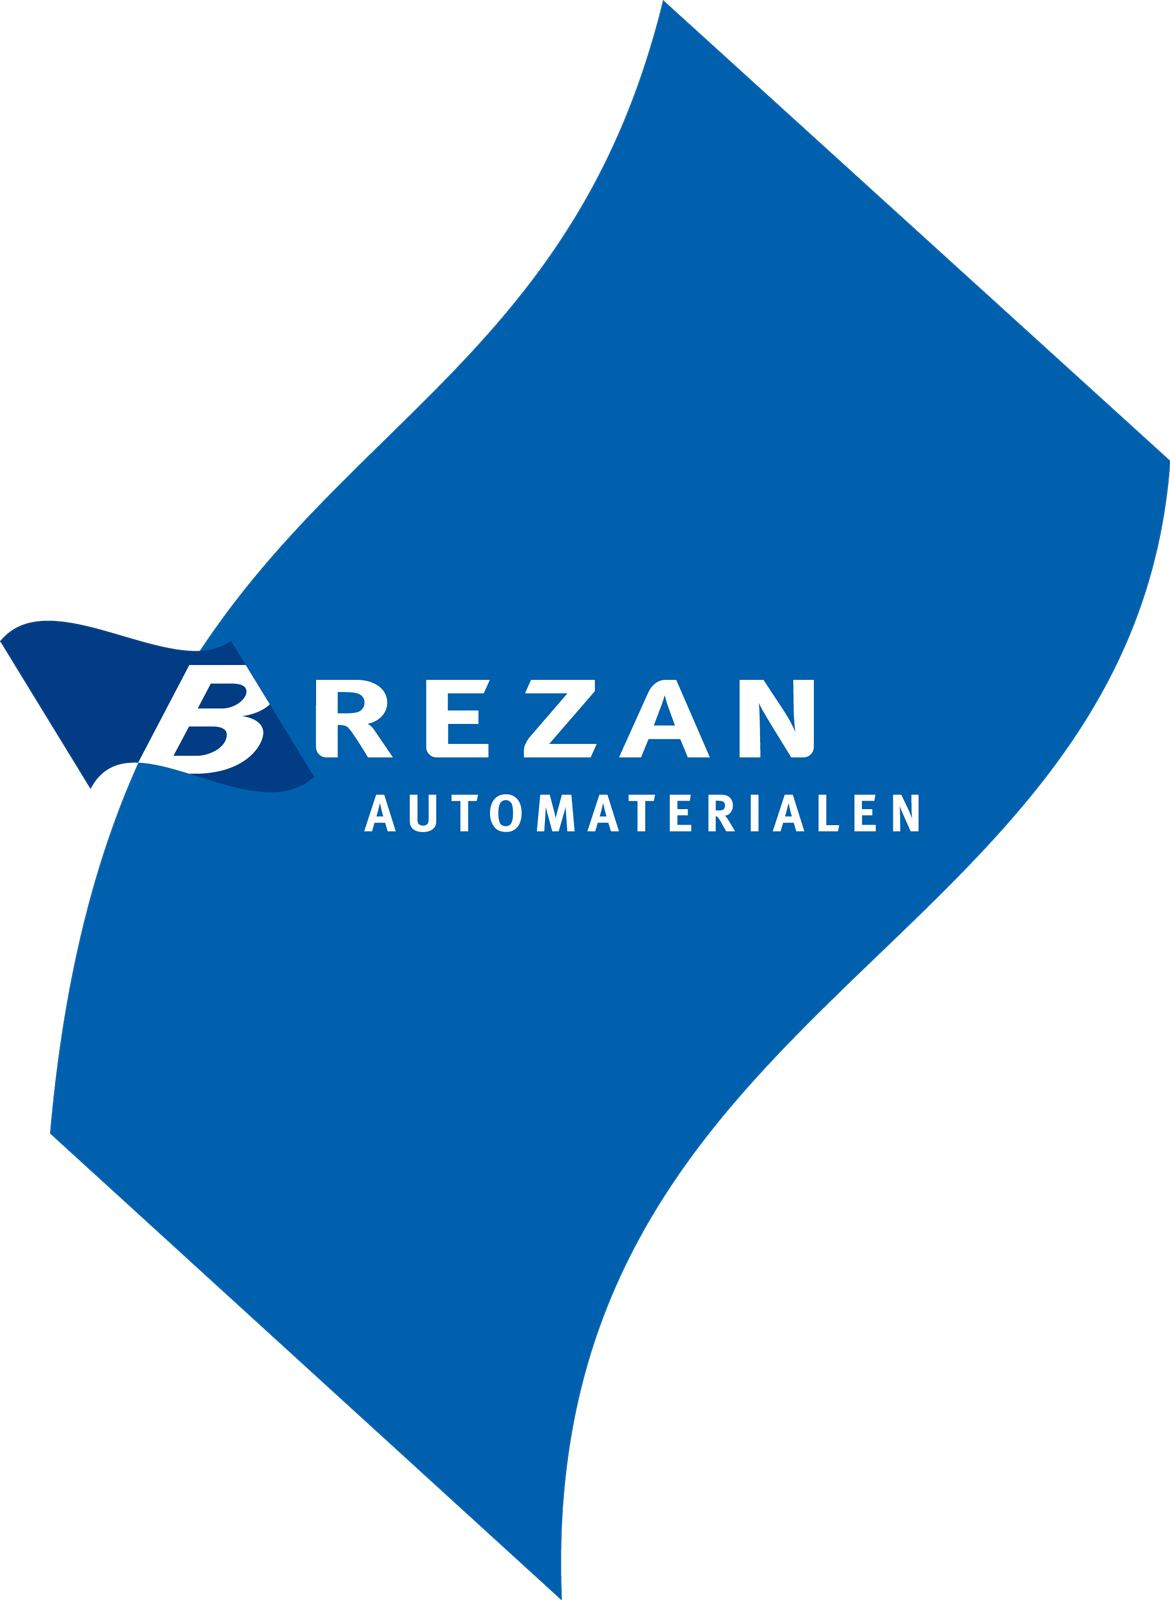 Afbeeldingsresultaat voor brezan logo